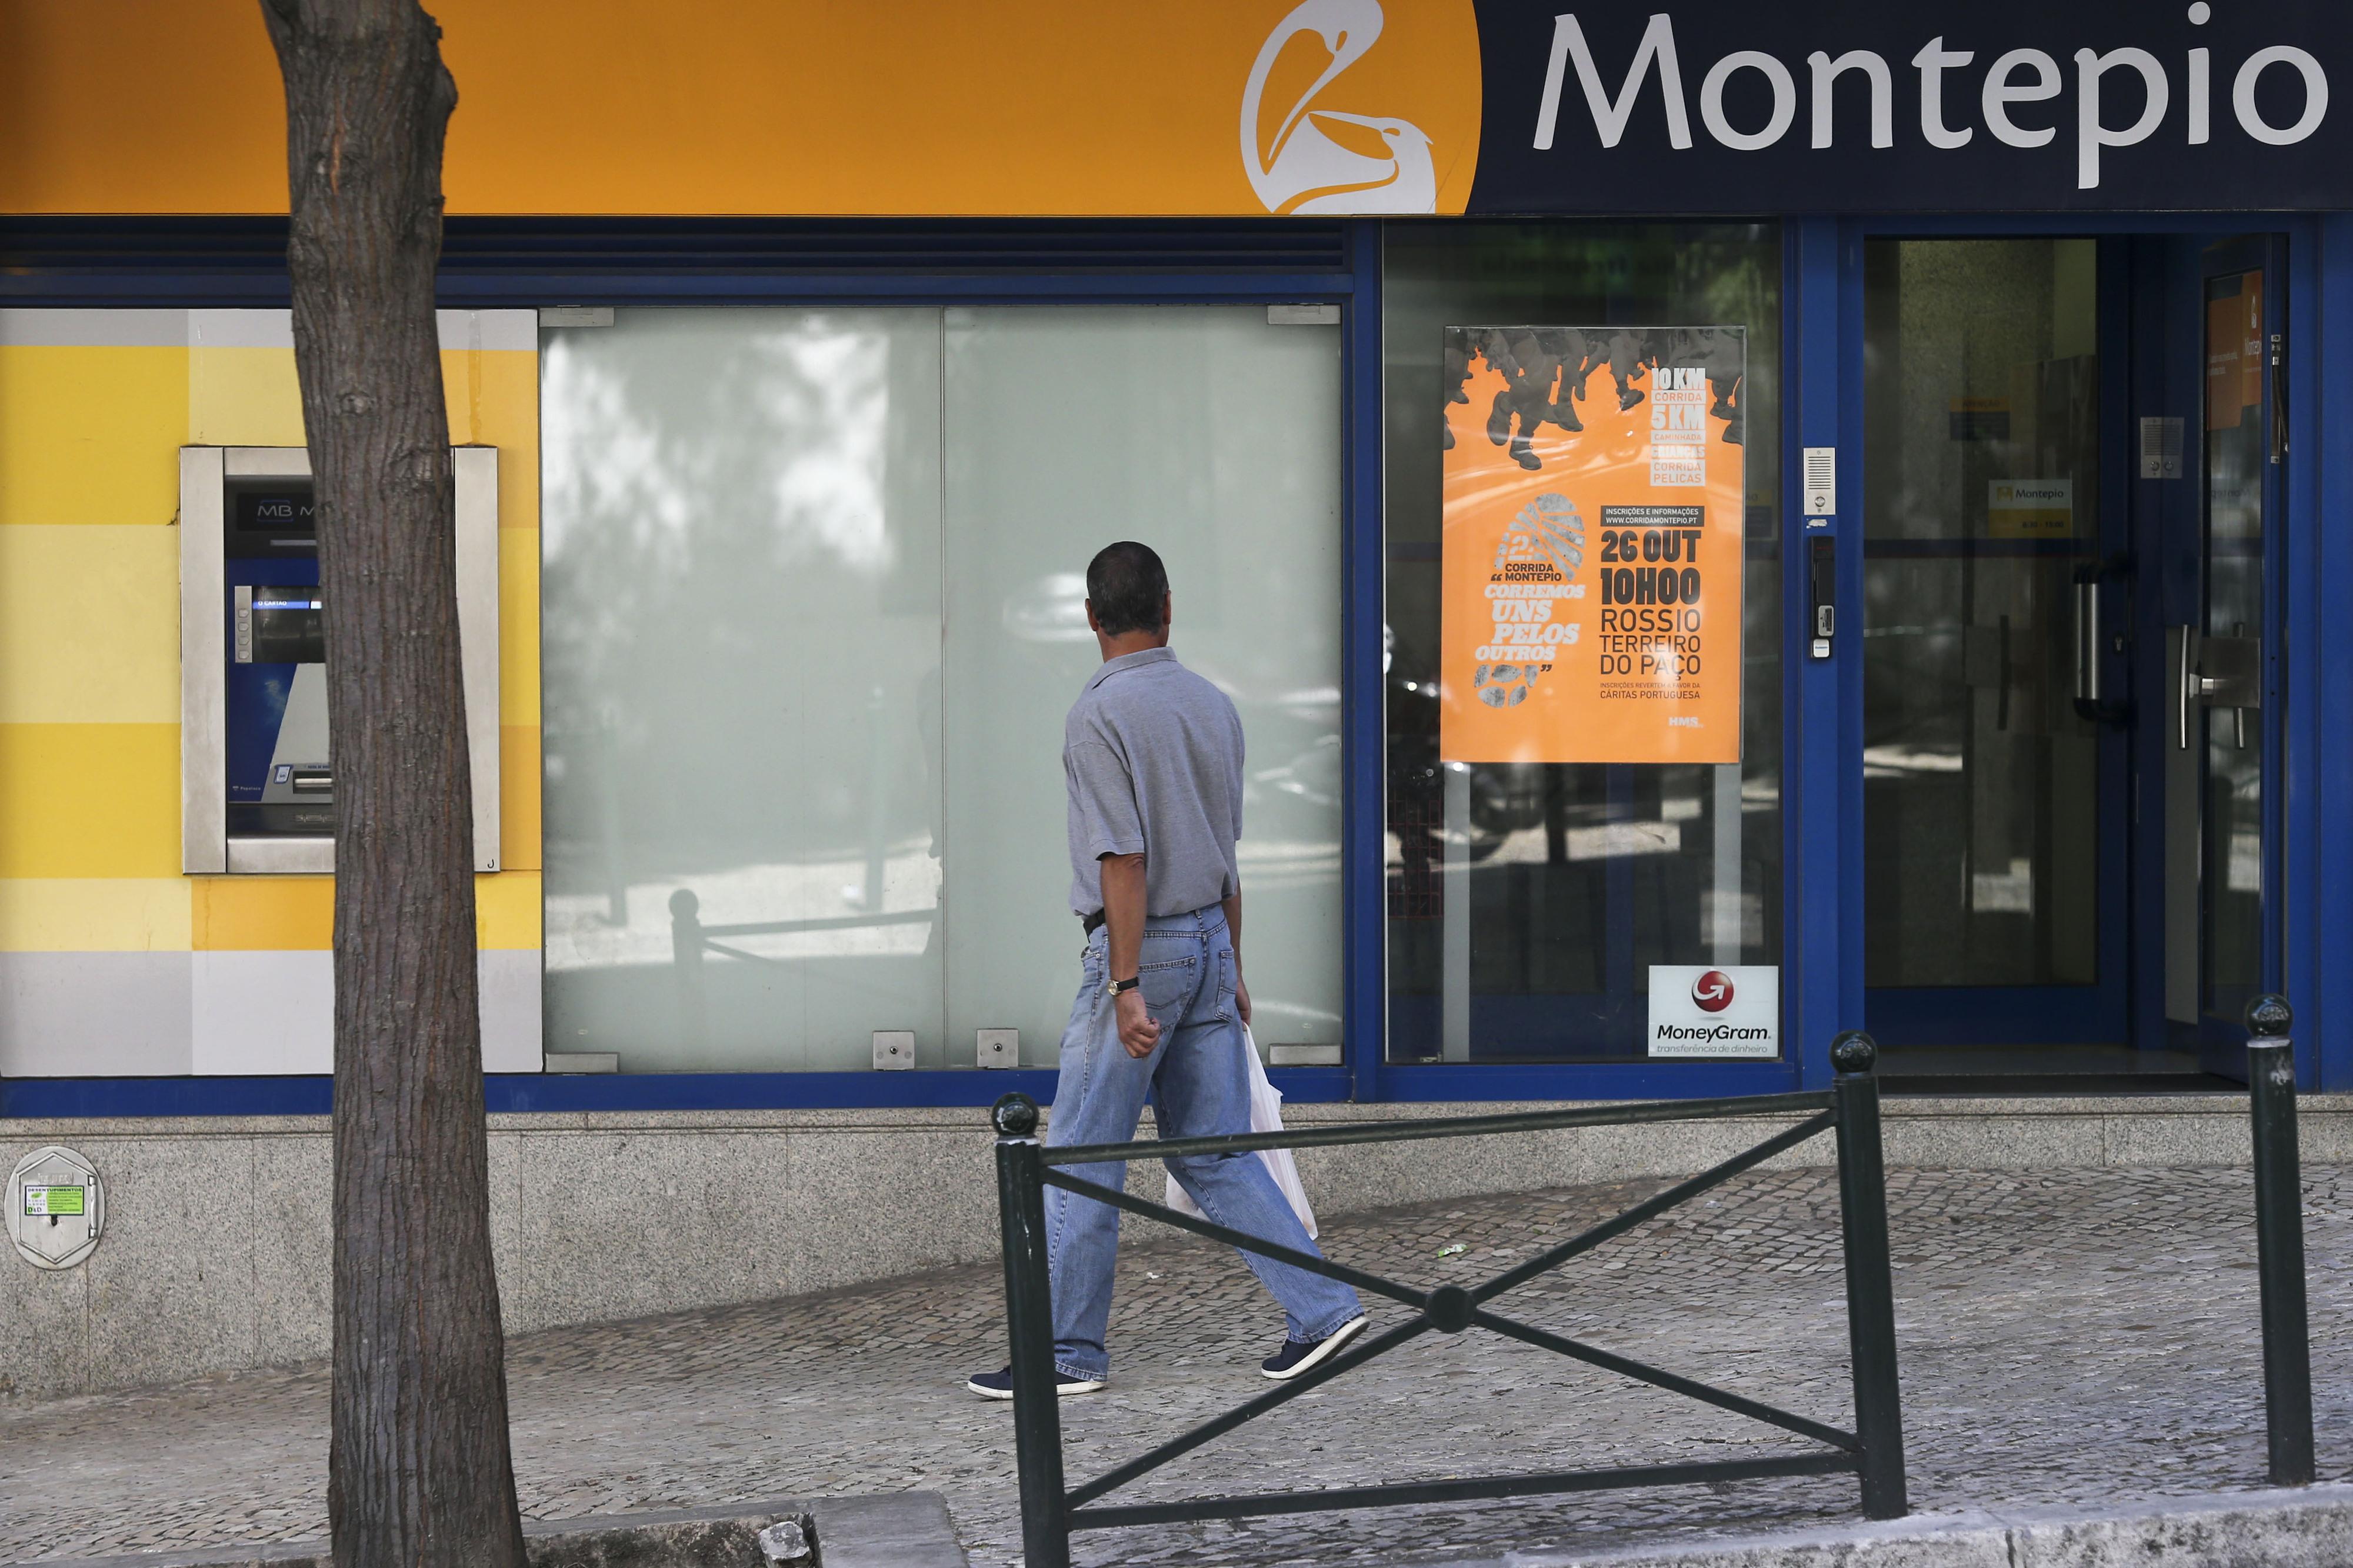 """Ministro das Finanças diz ter a """"maior tranquilidade"""" em relação ao Montepio"""